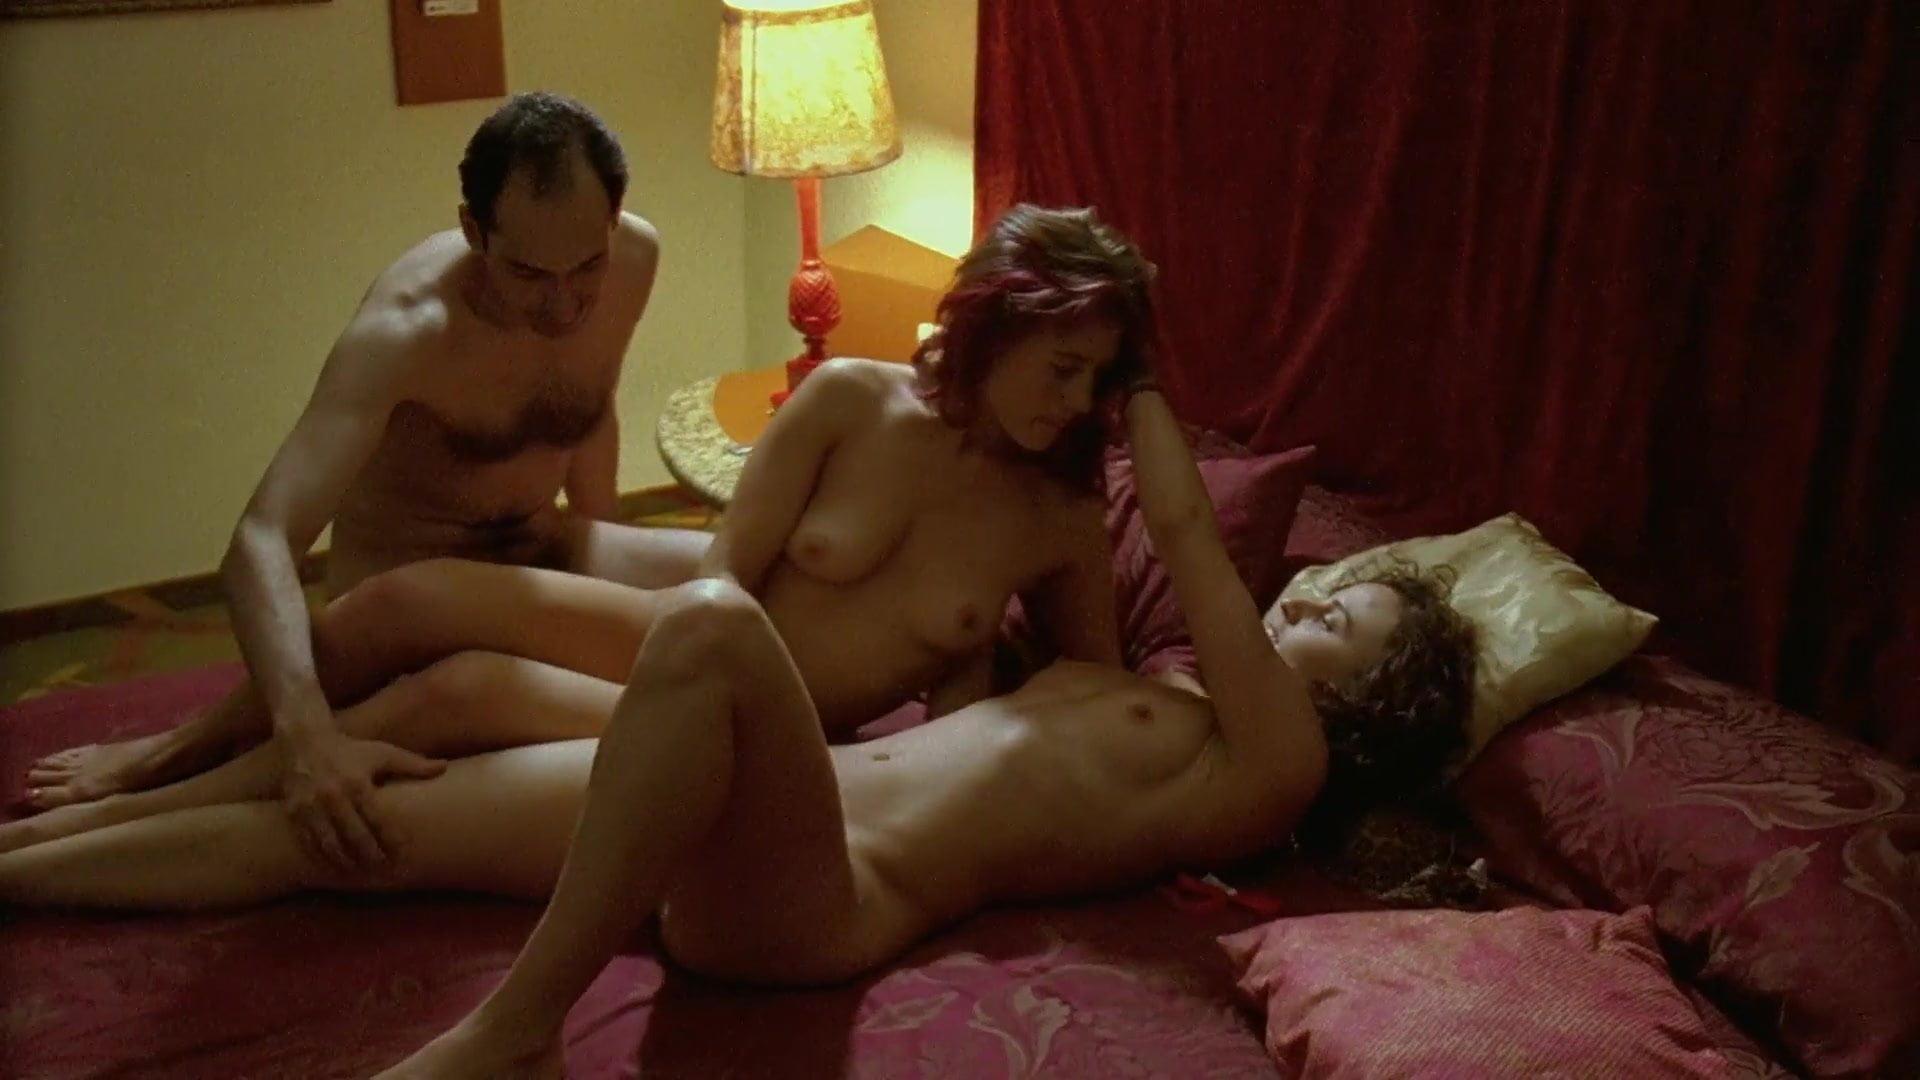 Peliculas Porno Completas 2014 erotica luz de luna (2008)